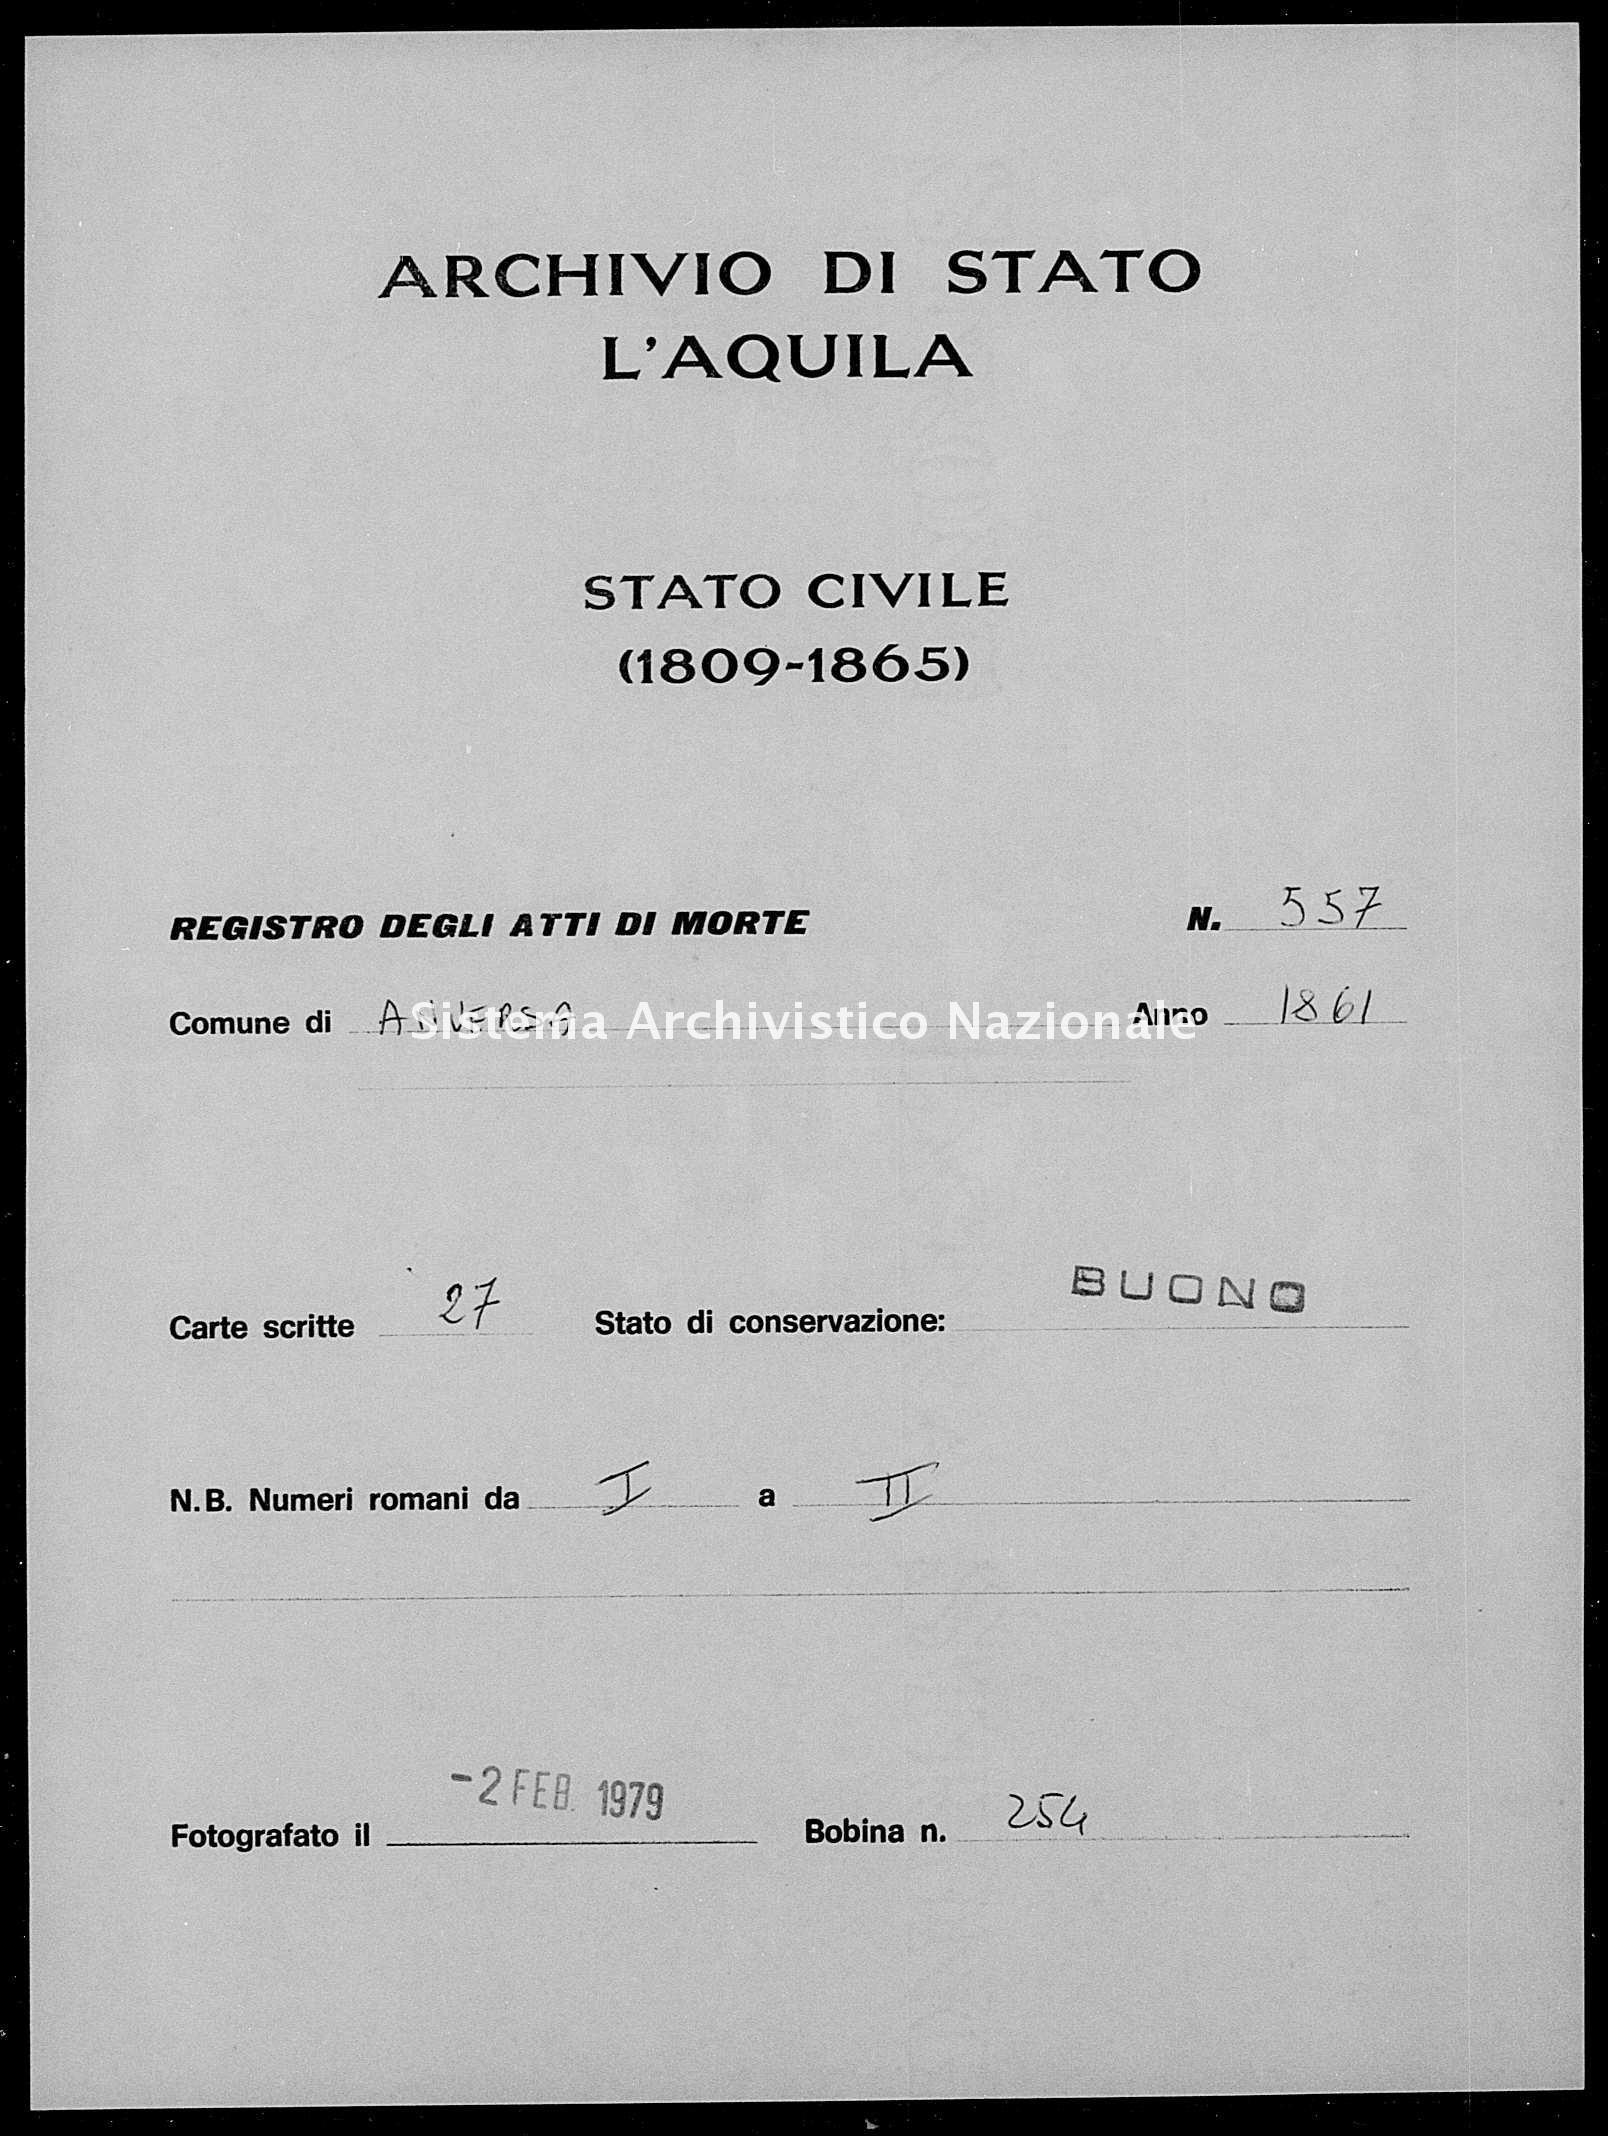 Archivio di stato di L'aquila - Stato civile italiano - Anversa degli Abruzzi - Morti - 1861 - 557 -